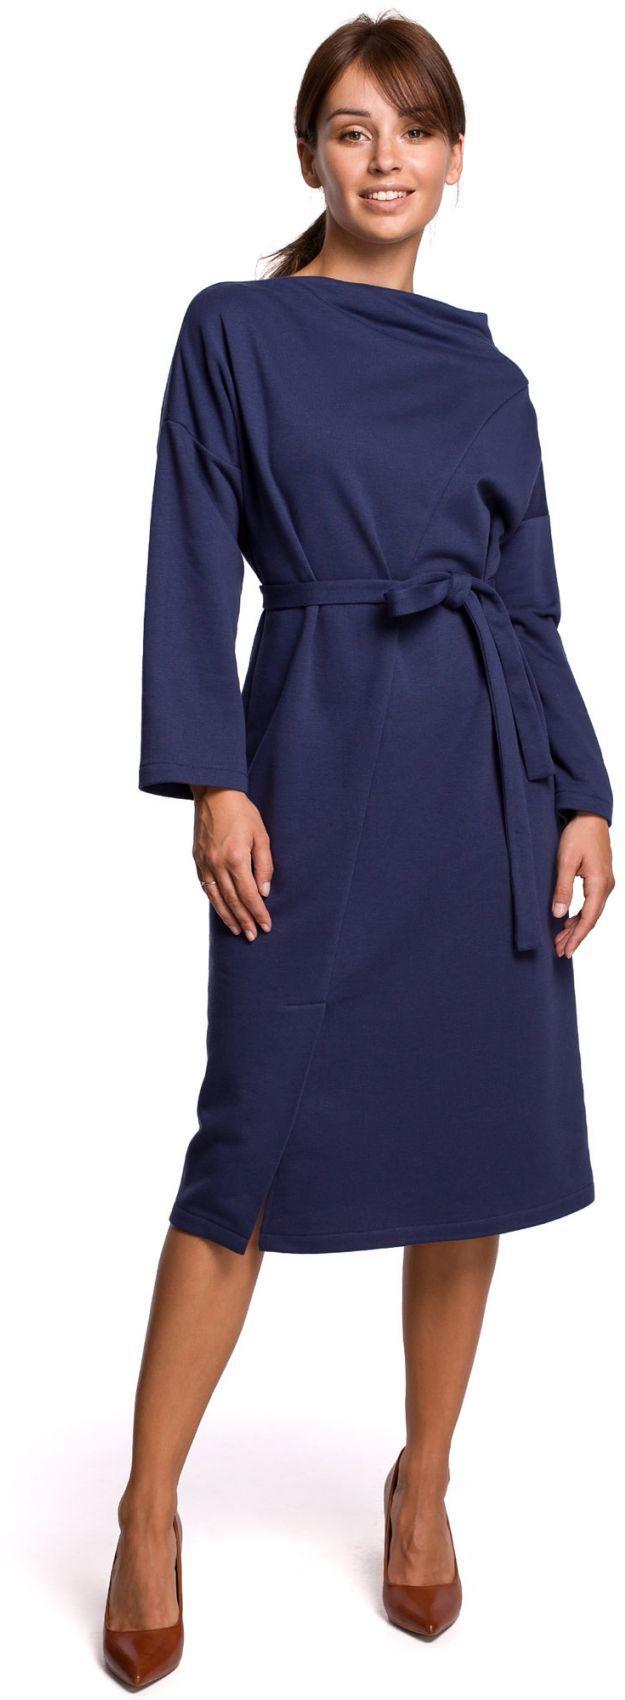 B178 Sukienka z dekoltem asymetrycznym i paskiem - niebieska